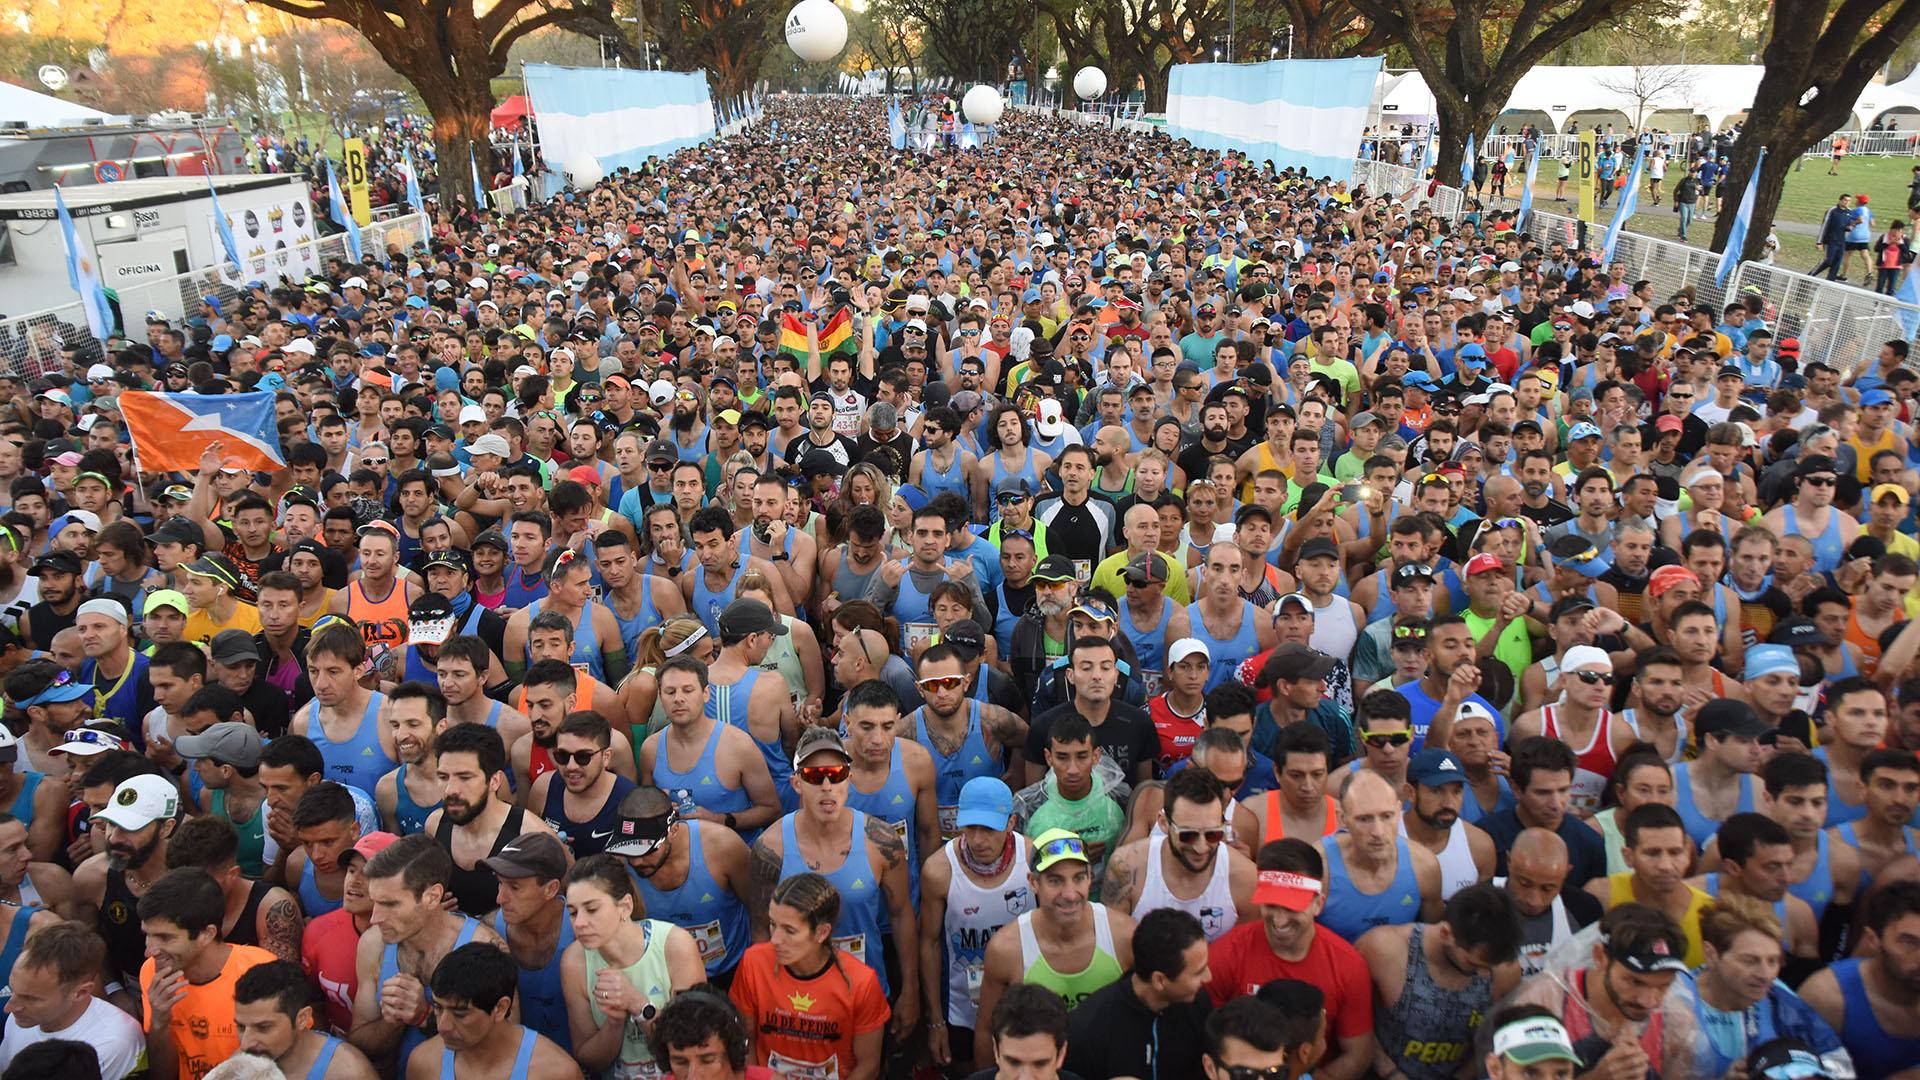 La multitud congregada en la salida, poco antes de las 7 de la mañana